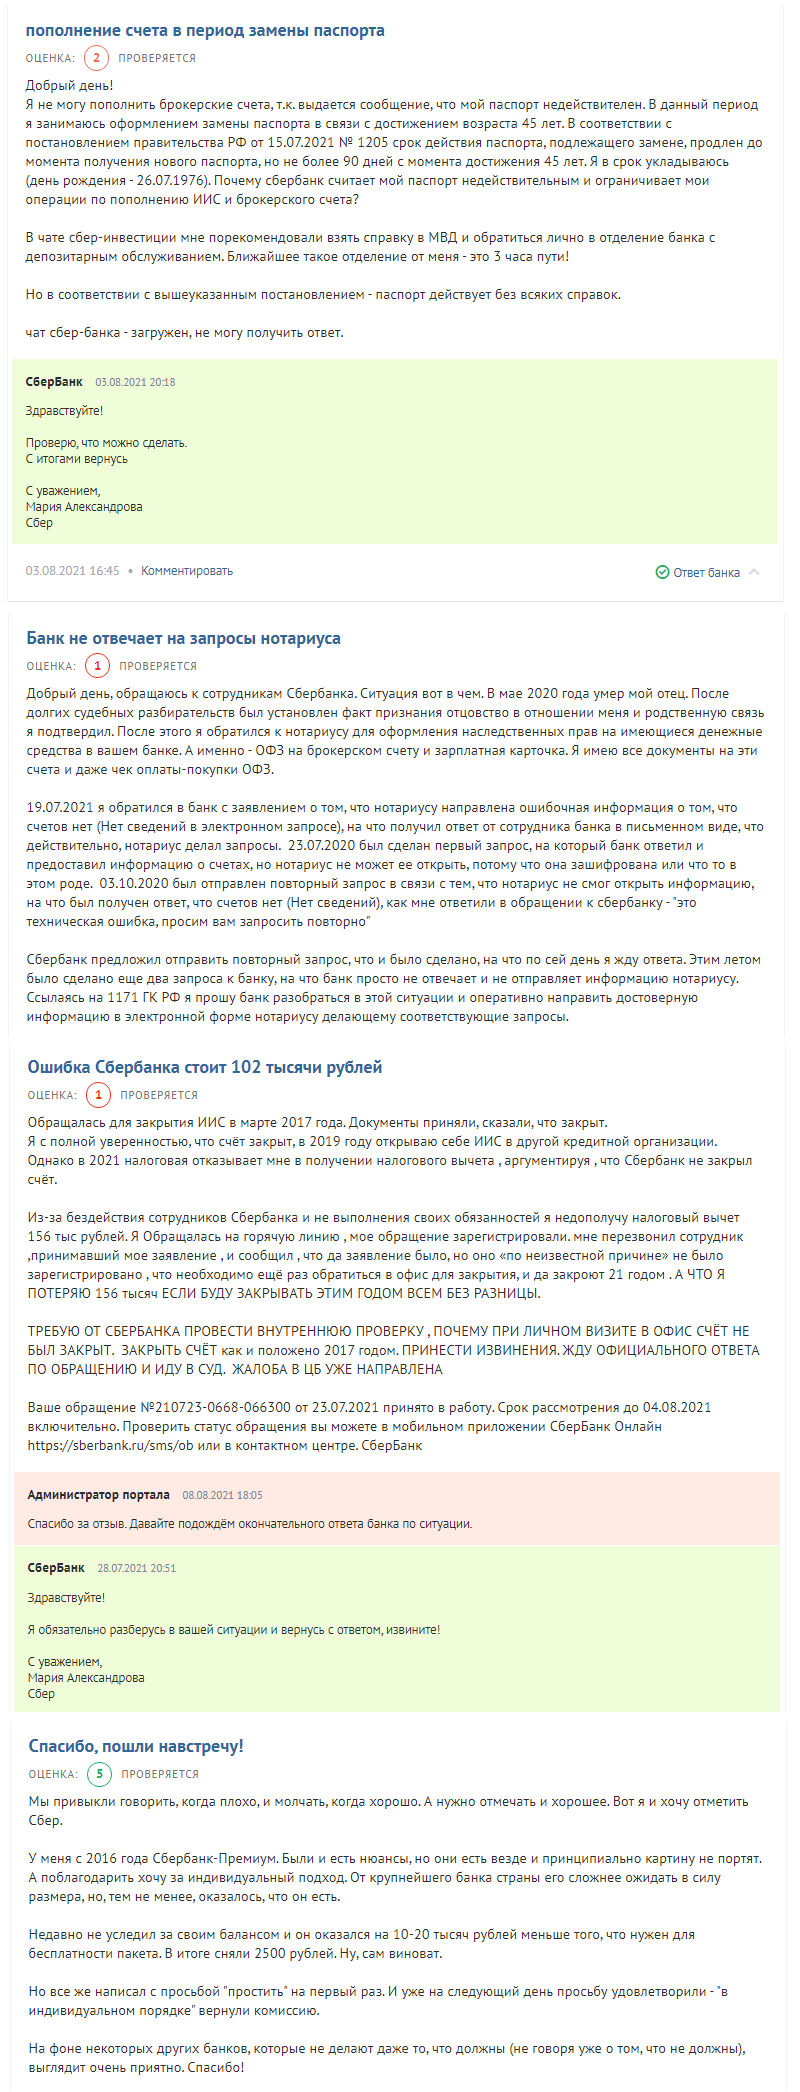 Отзывы Сбербанк Инвестиции